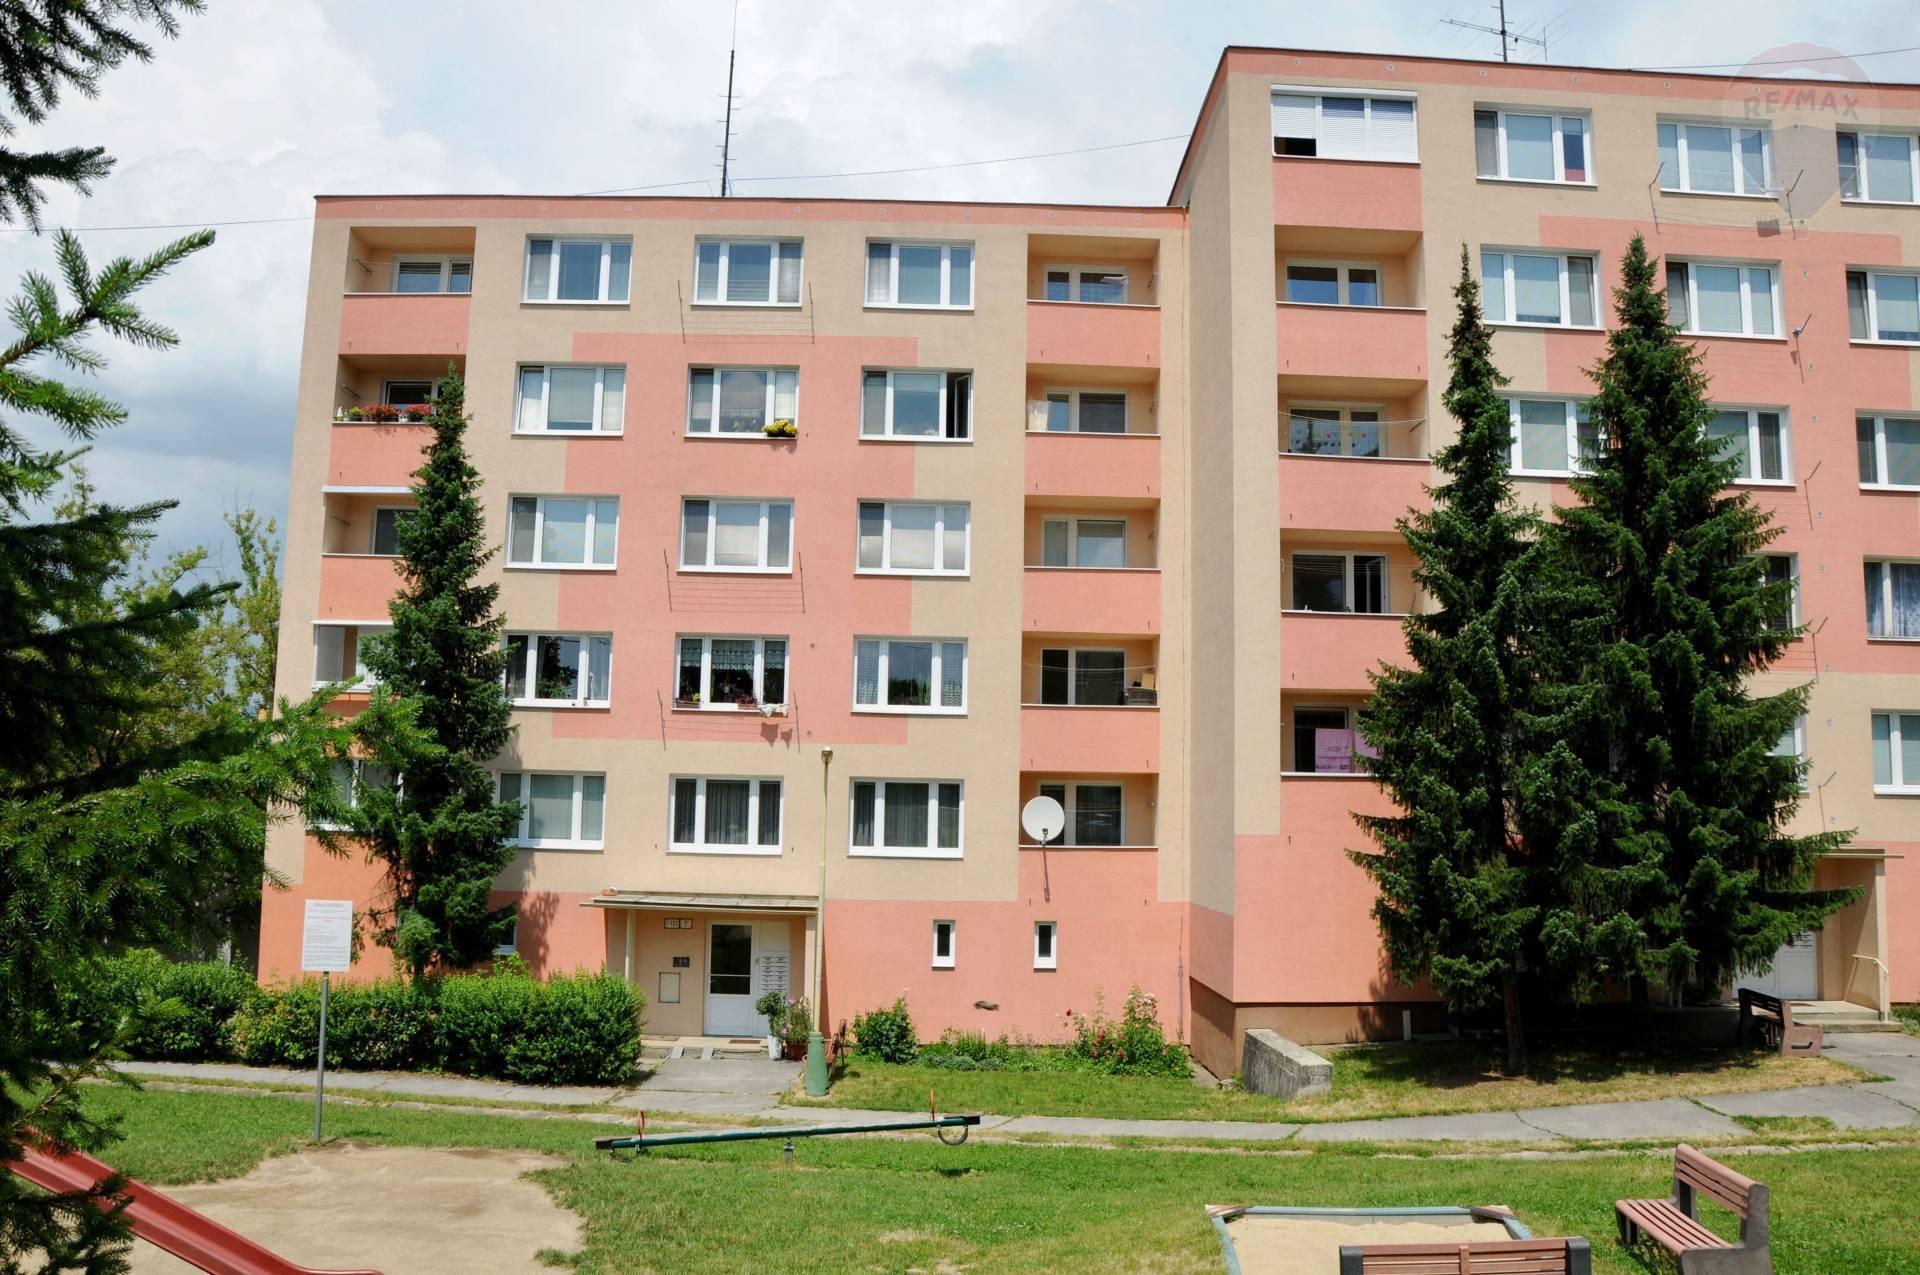 REZERVOVANÉ !!! - 3 izbový byt 71 m2 s loggiou -Čierne mesto -blízko centra